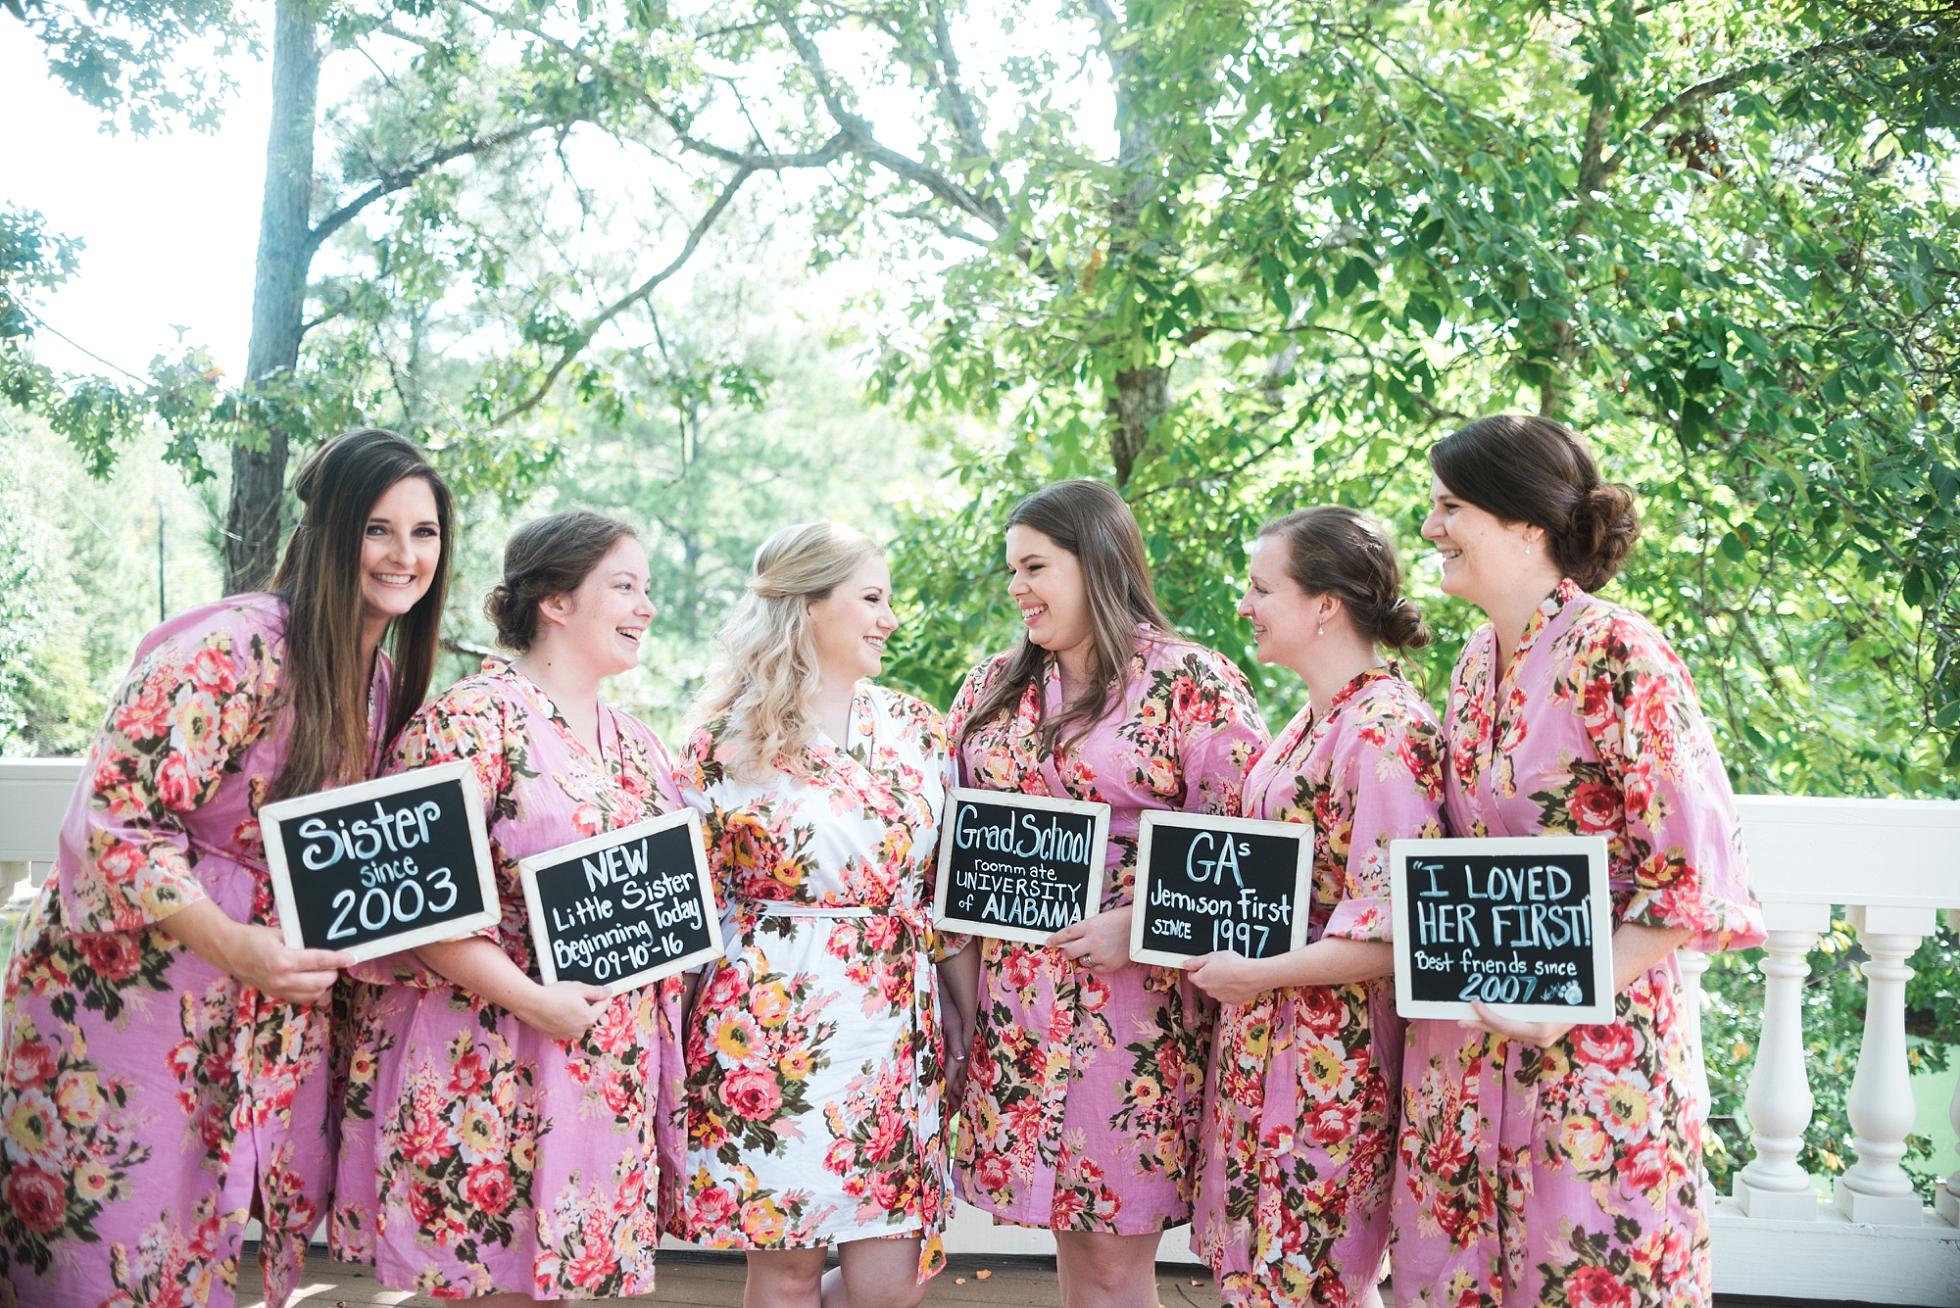 How the bride met her bridesmaids | Kyle & Erin | Scarbrough Wedding | Children's Harbor | Laura Wilkerson Photography